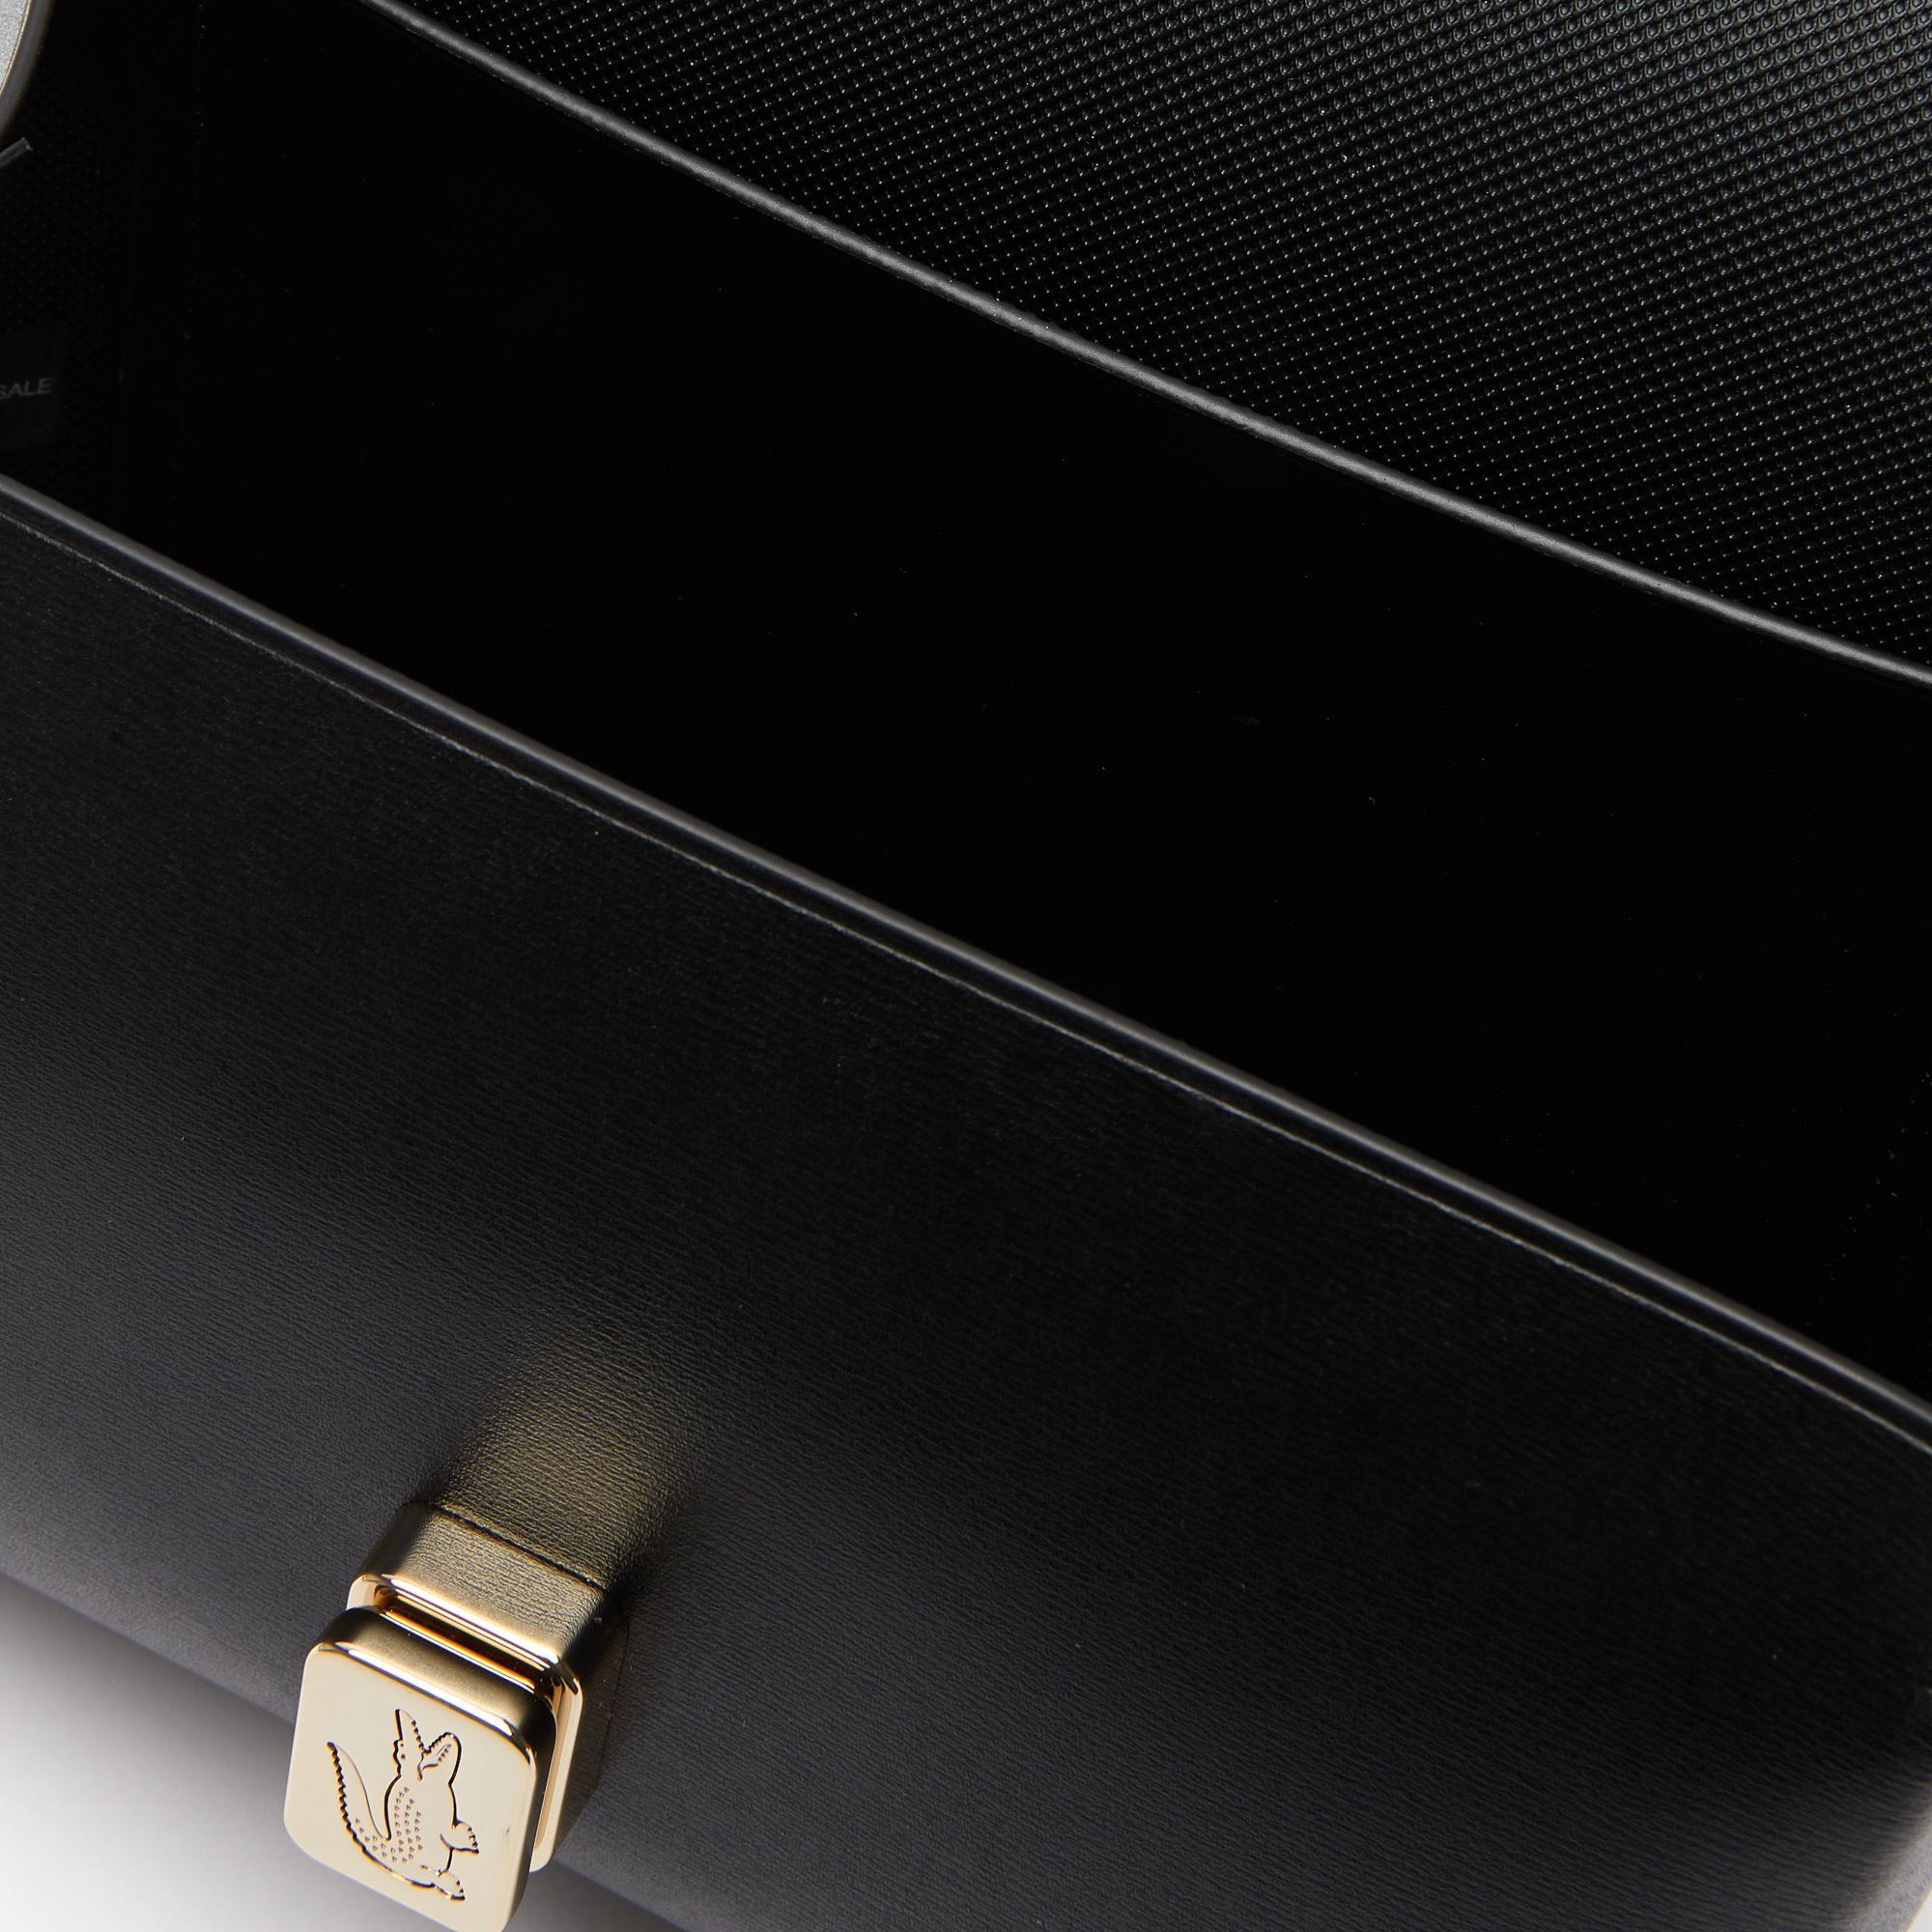 Lacoste Damska torebka Amelia, grawerowane metalowe zapięcie, skórzana